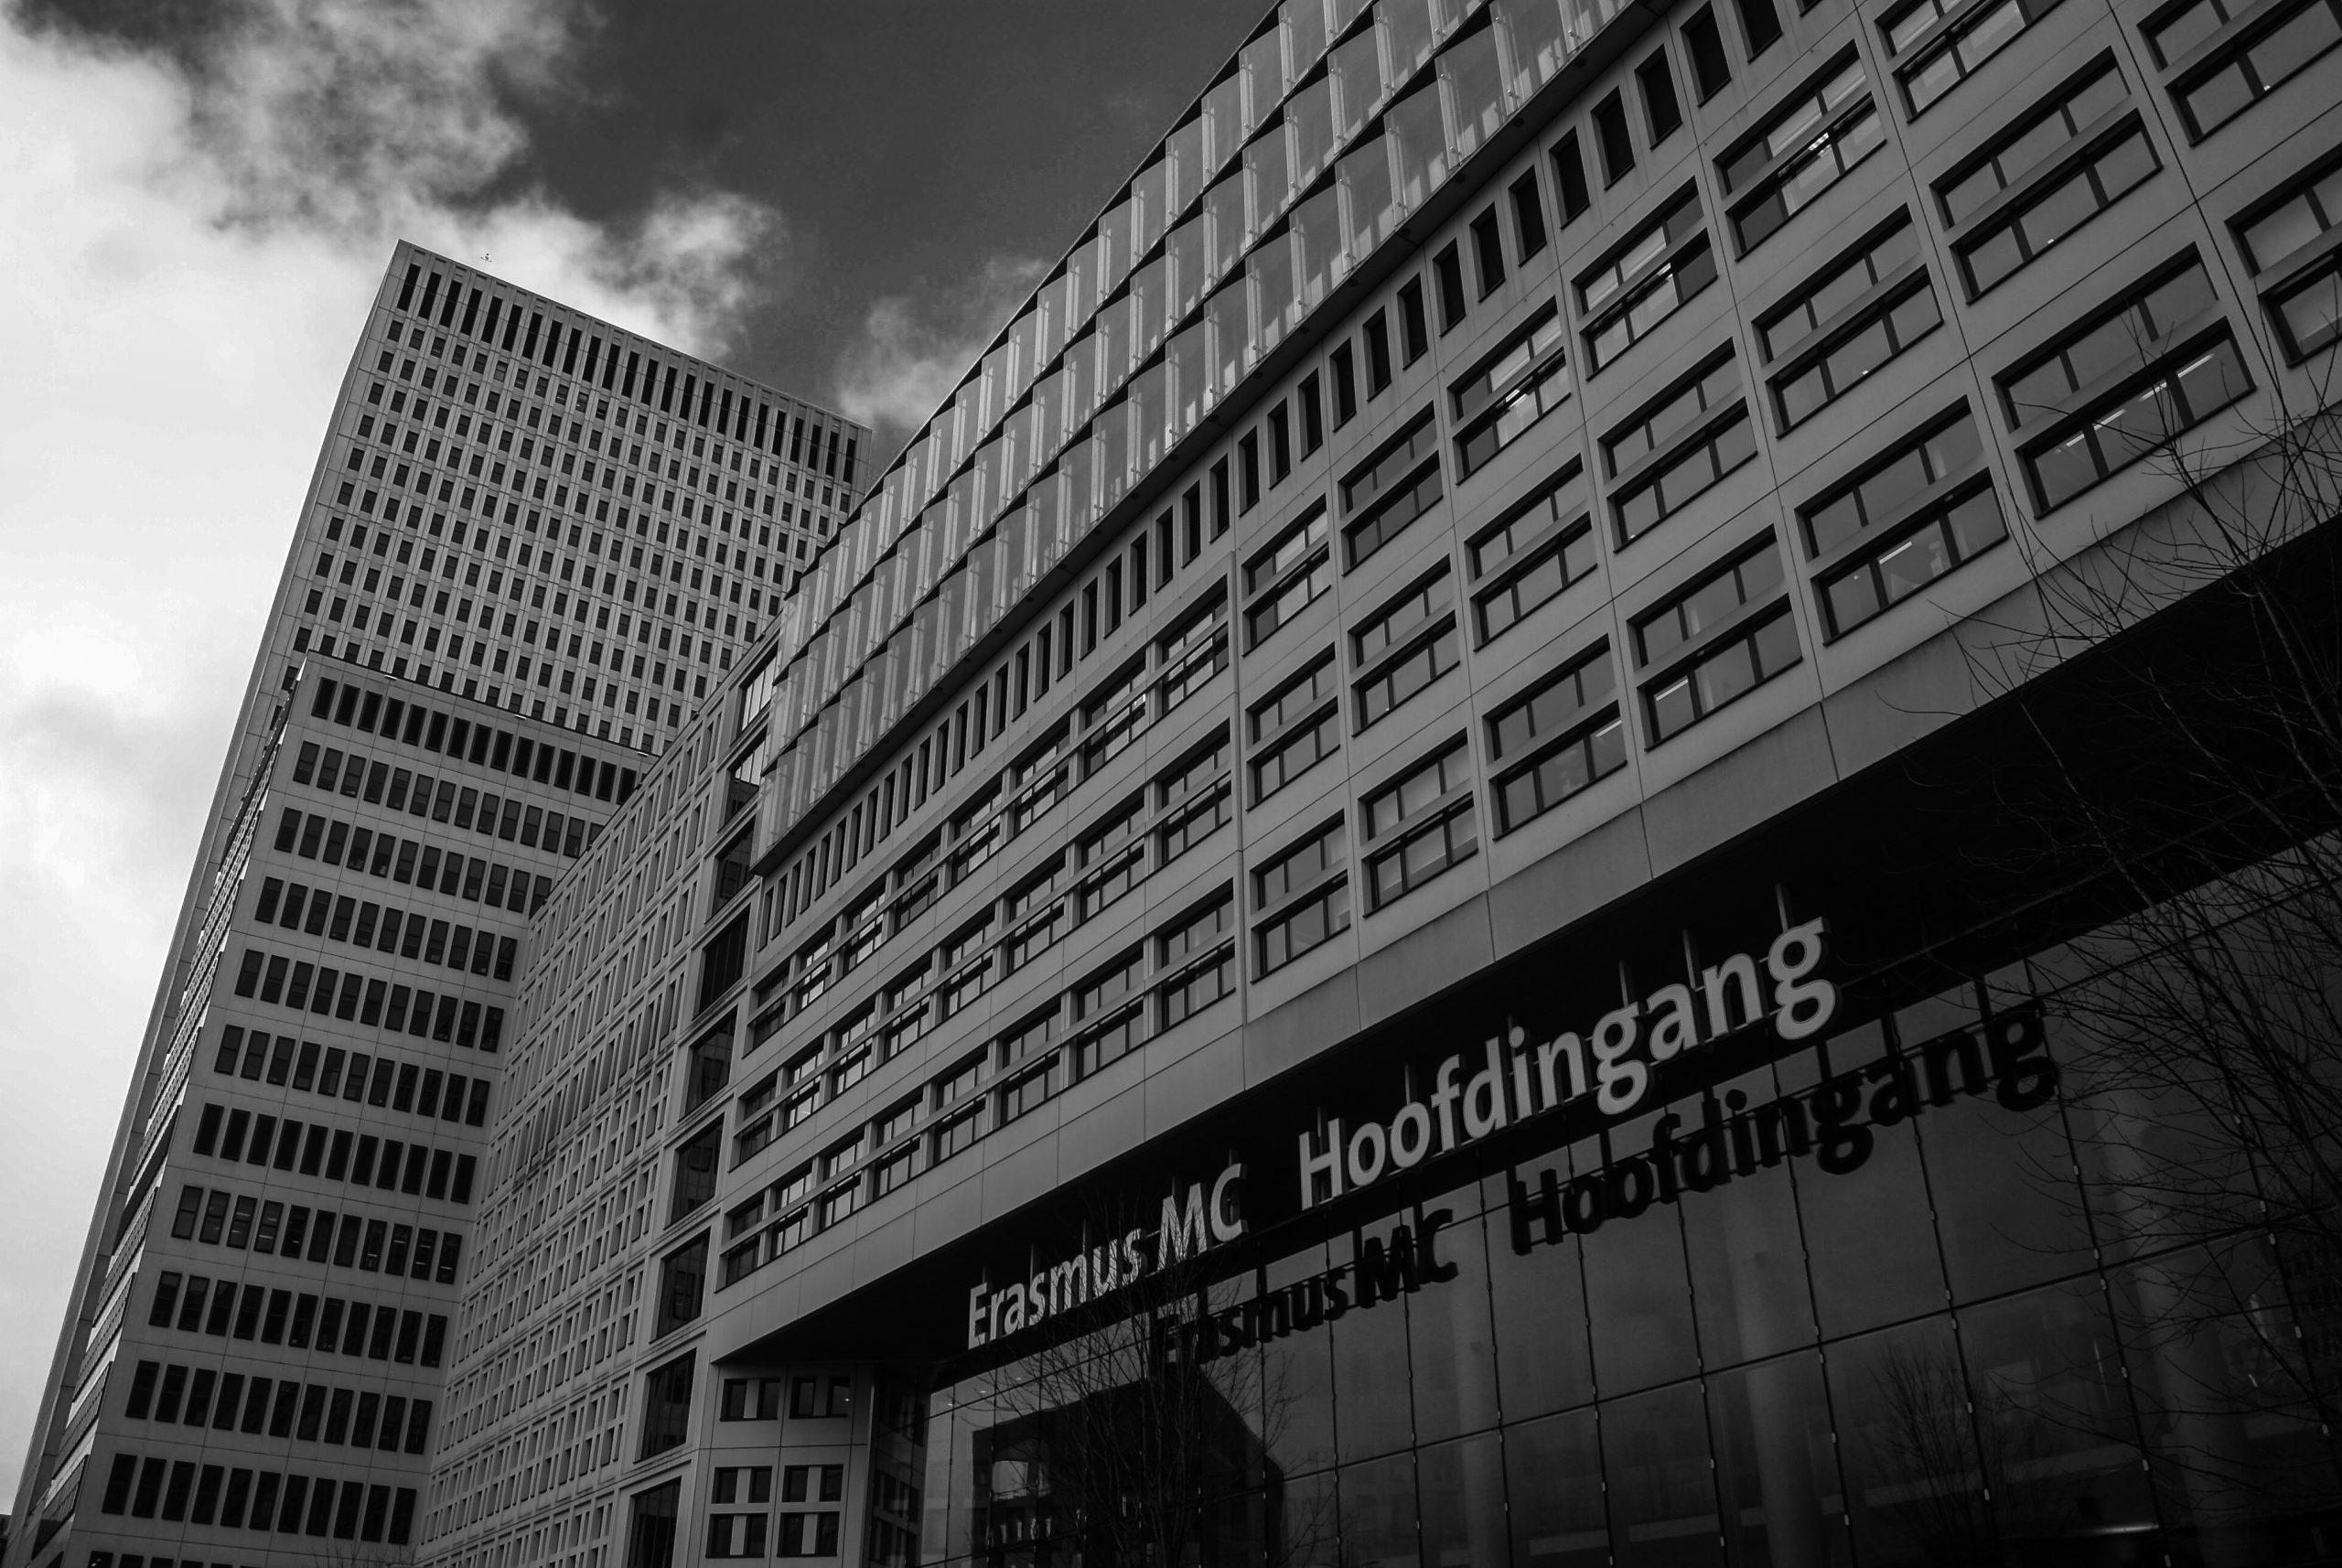 Erasmus Rotterdam